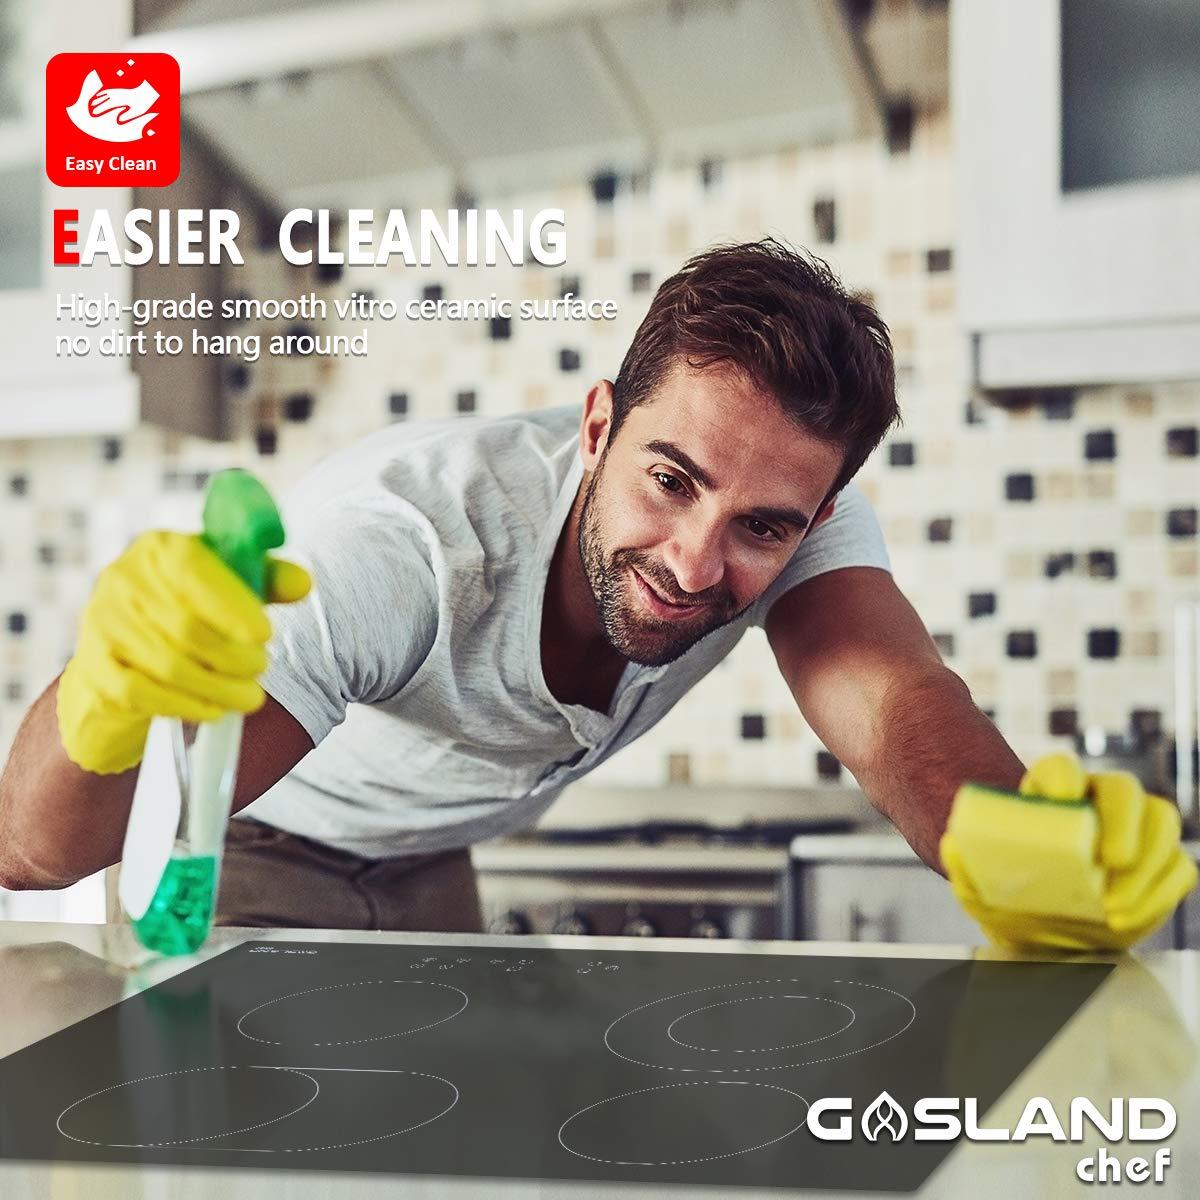 Amazon.com: Cocina eléctrica, Gasland Chef CH77BF 30 ...